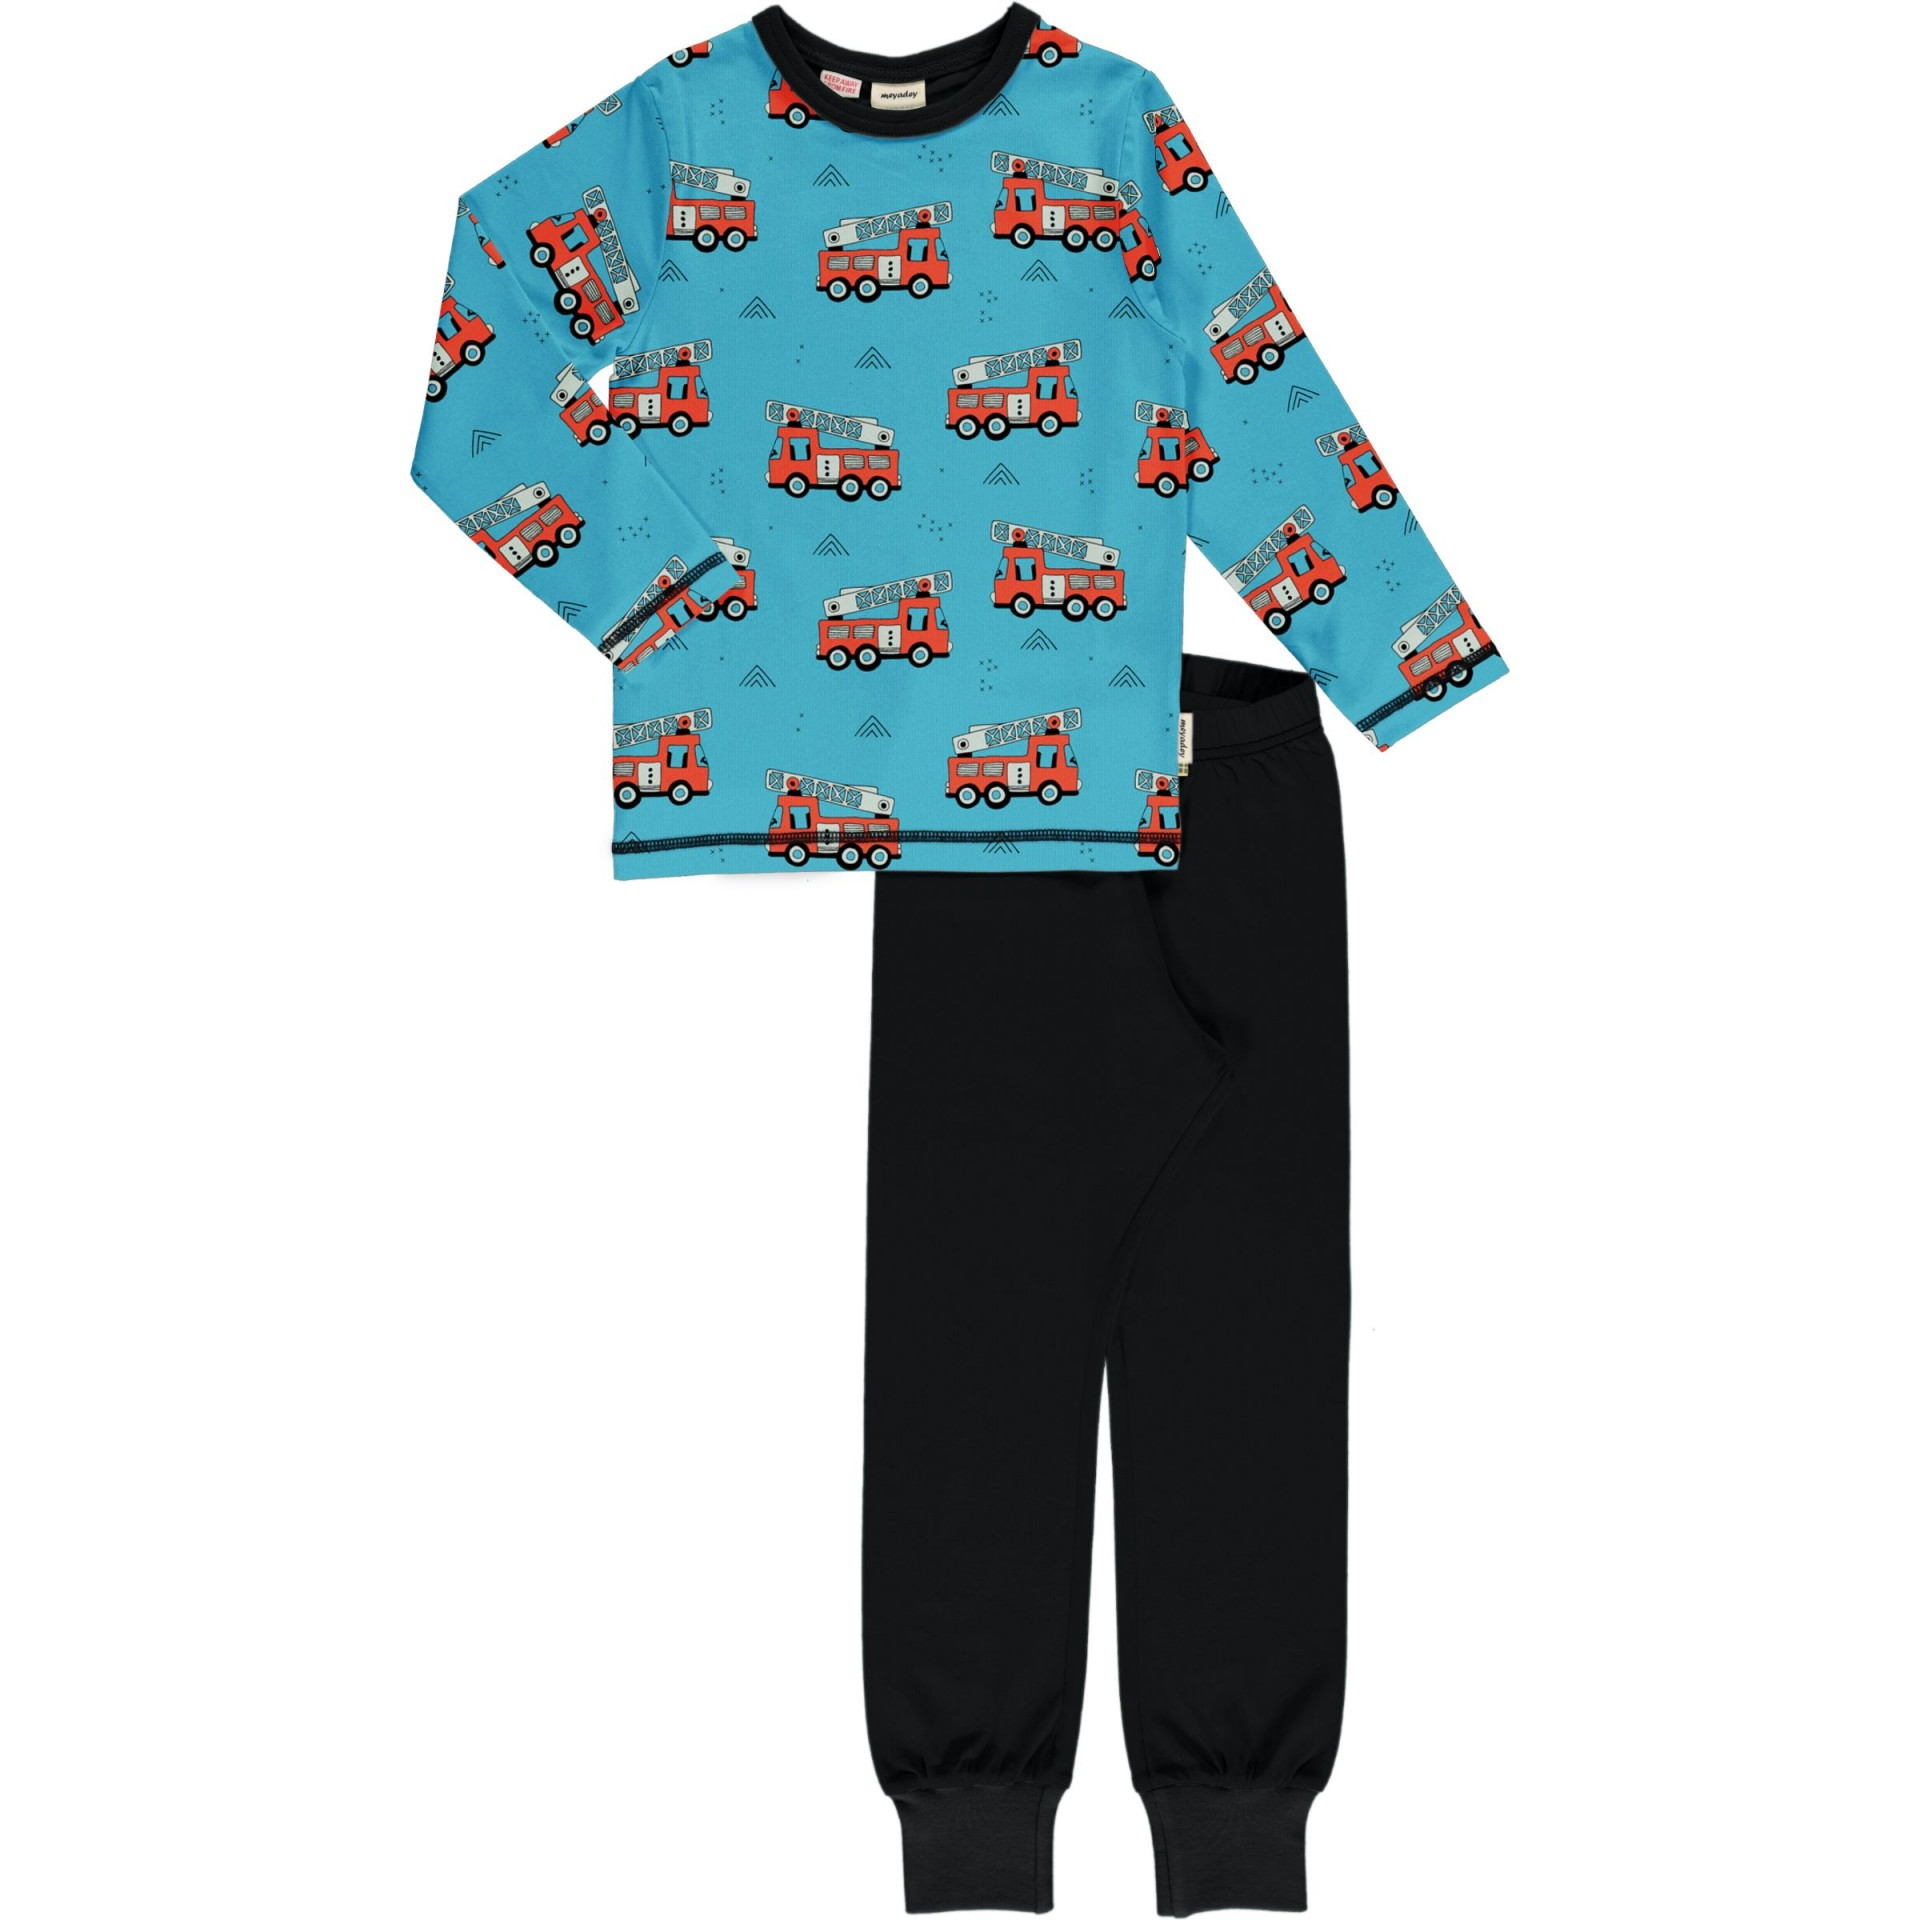 Pijama FIRE TRUCKS Meyaday (Tamanhos disponíveis 9-12m, 18-24m)